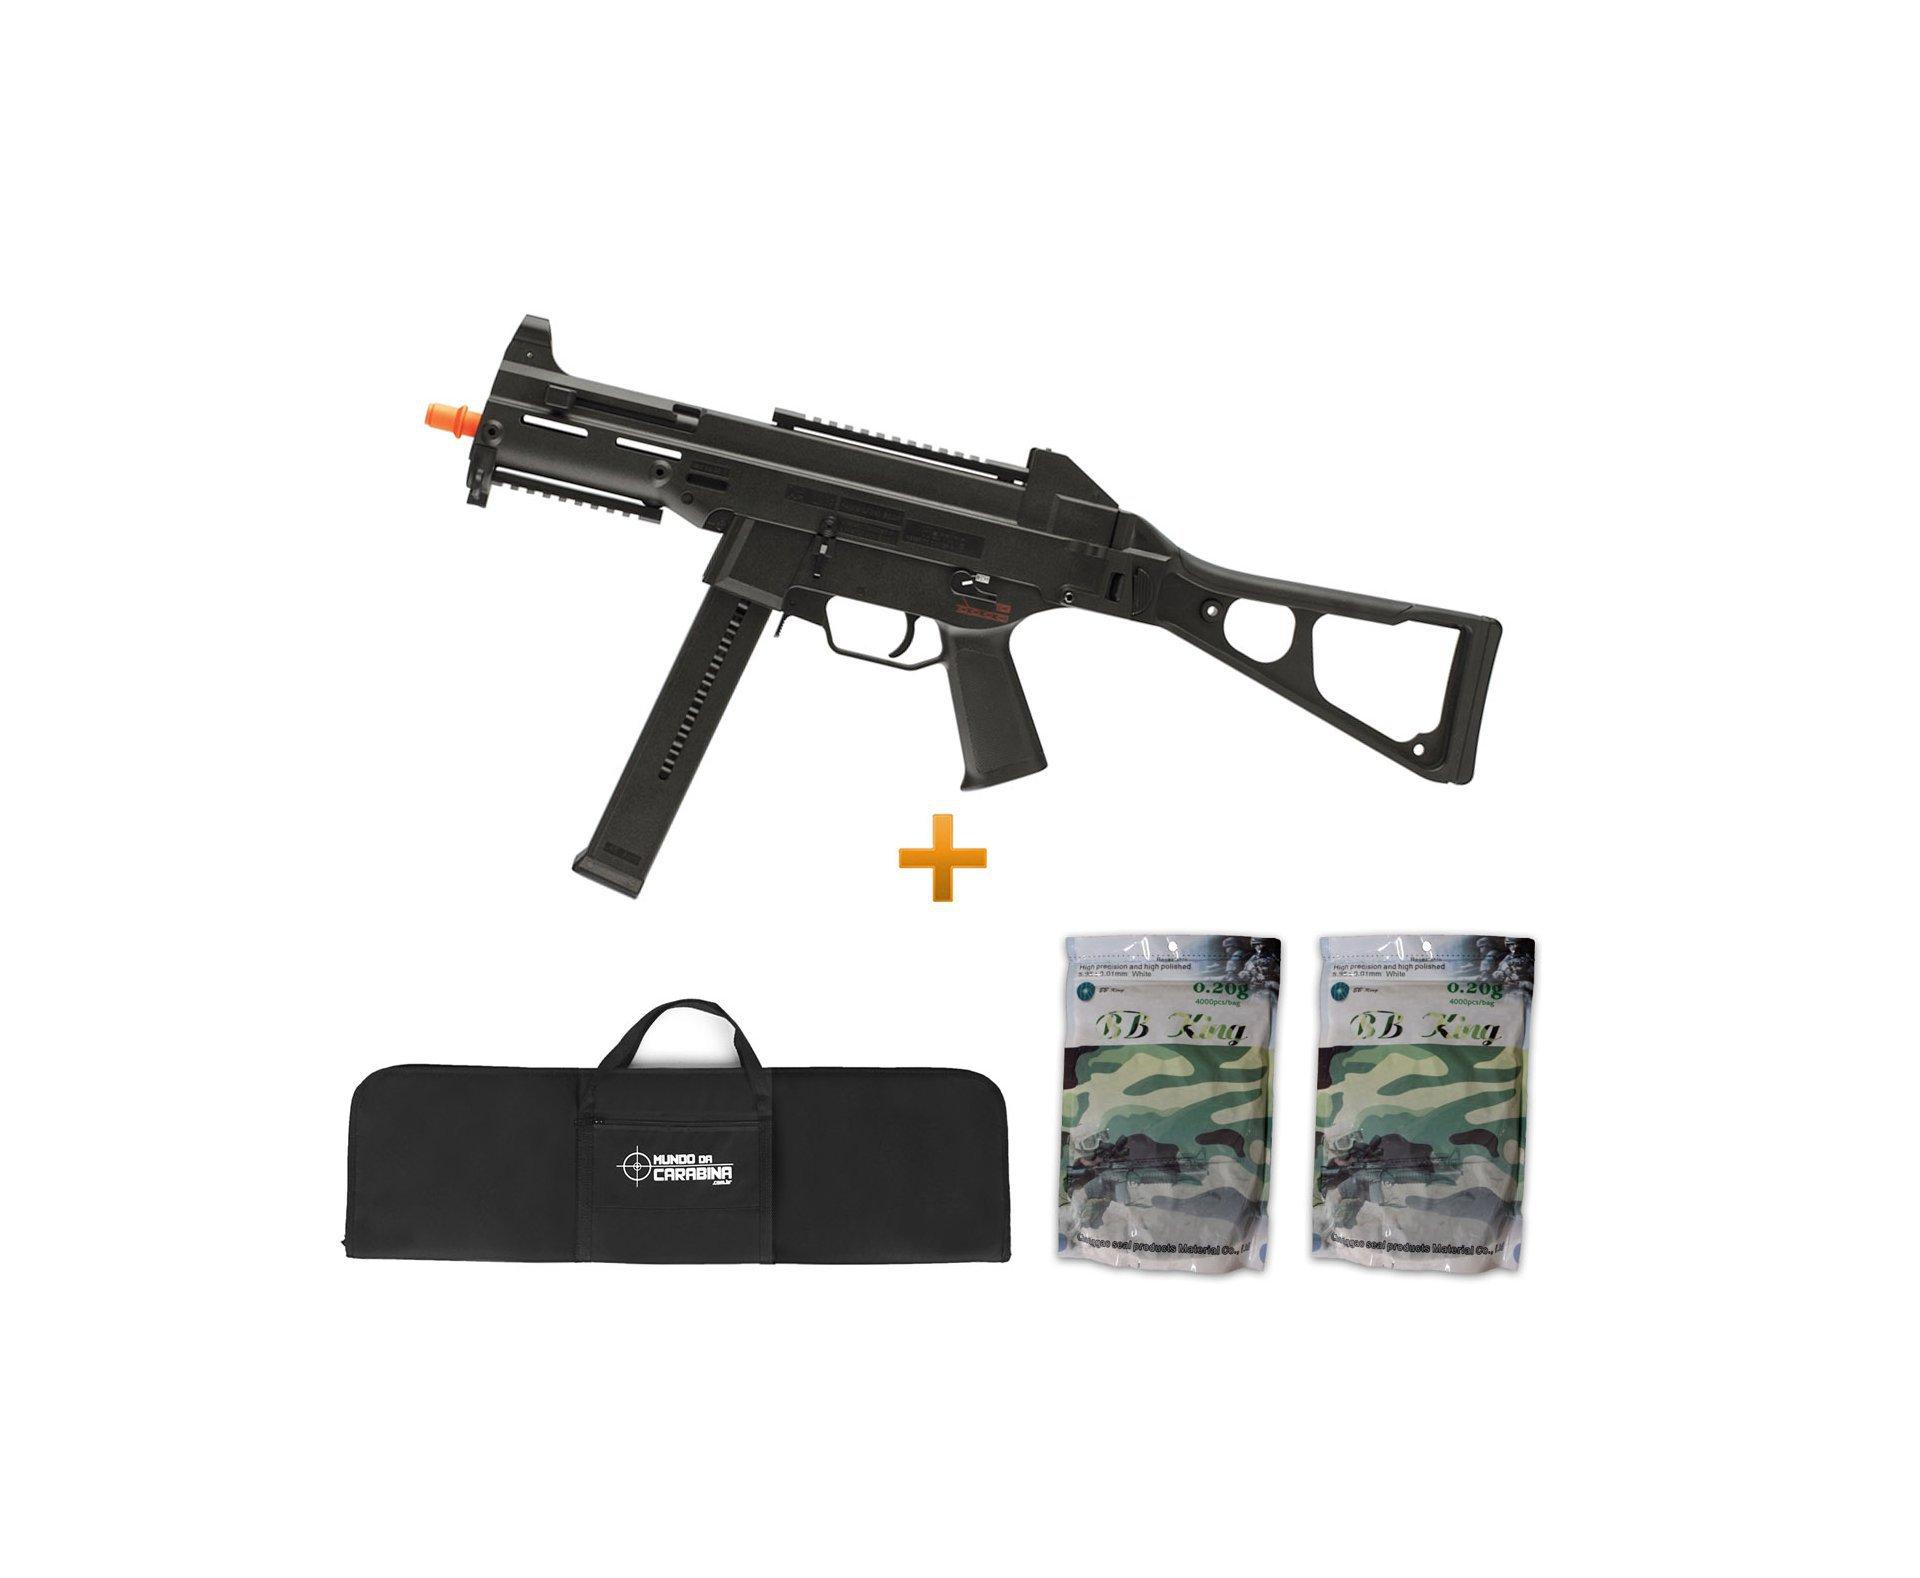 Rifle De Airsoft H&k Ump Aeg - Cal 6.0mm + Capa + 8000 Bbs 0,20g - Umarex